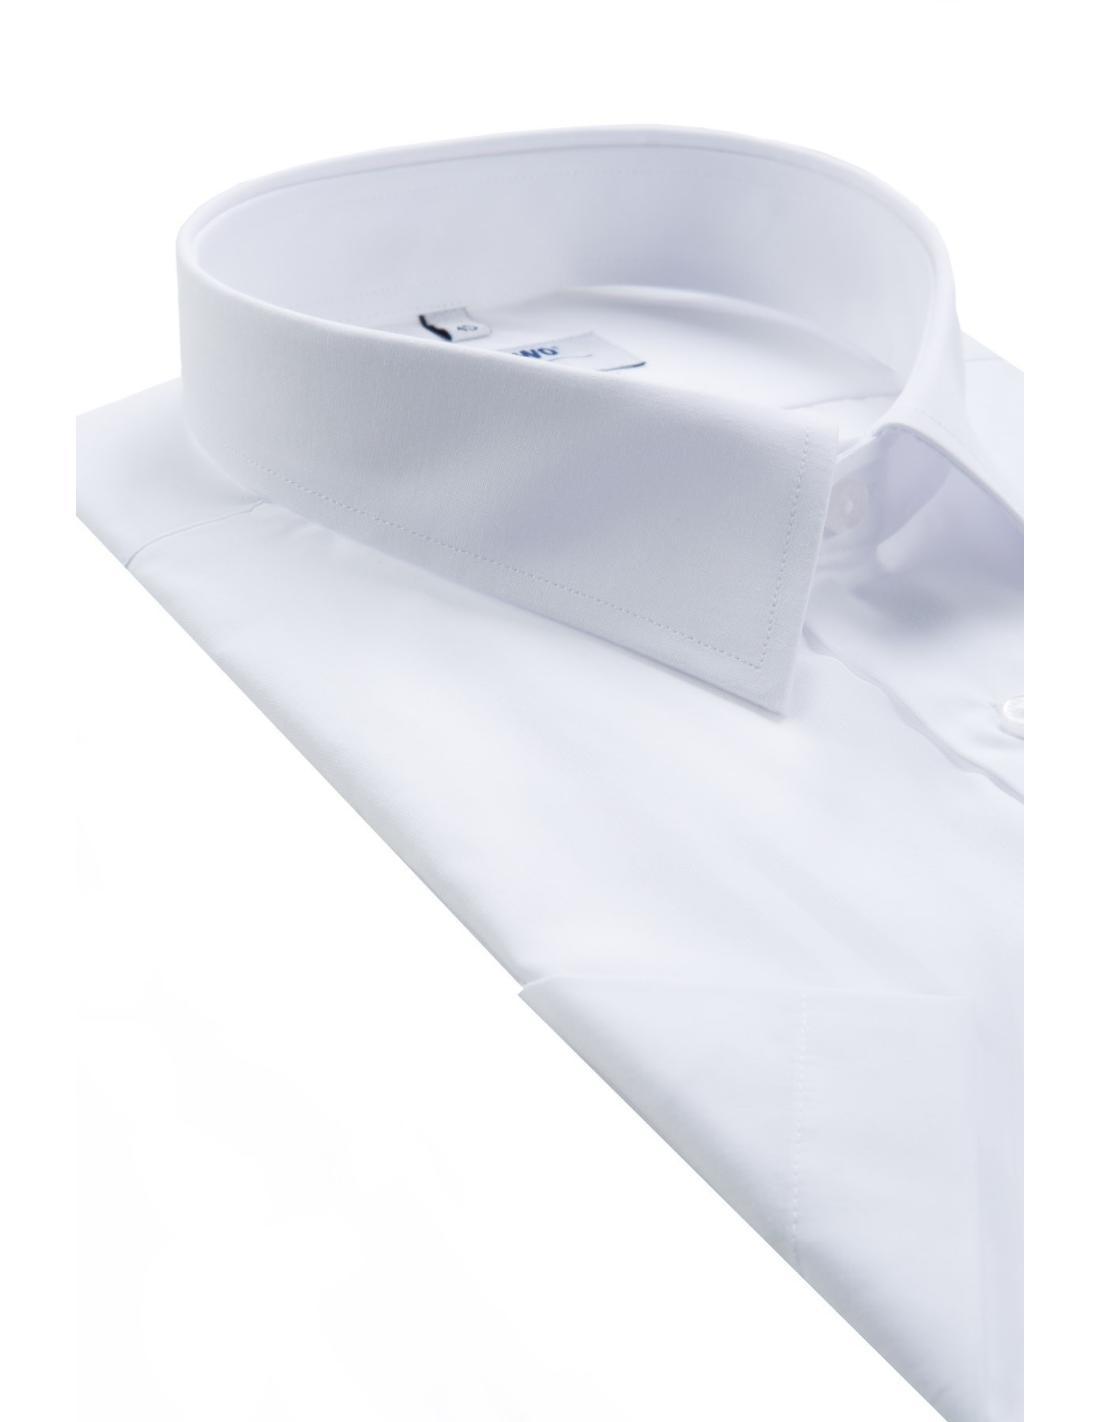 Biała koszula męska z krótkim rękawem uniwersalna 3002 Pawo